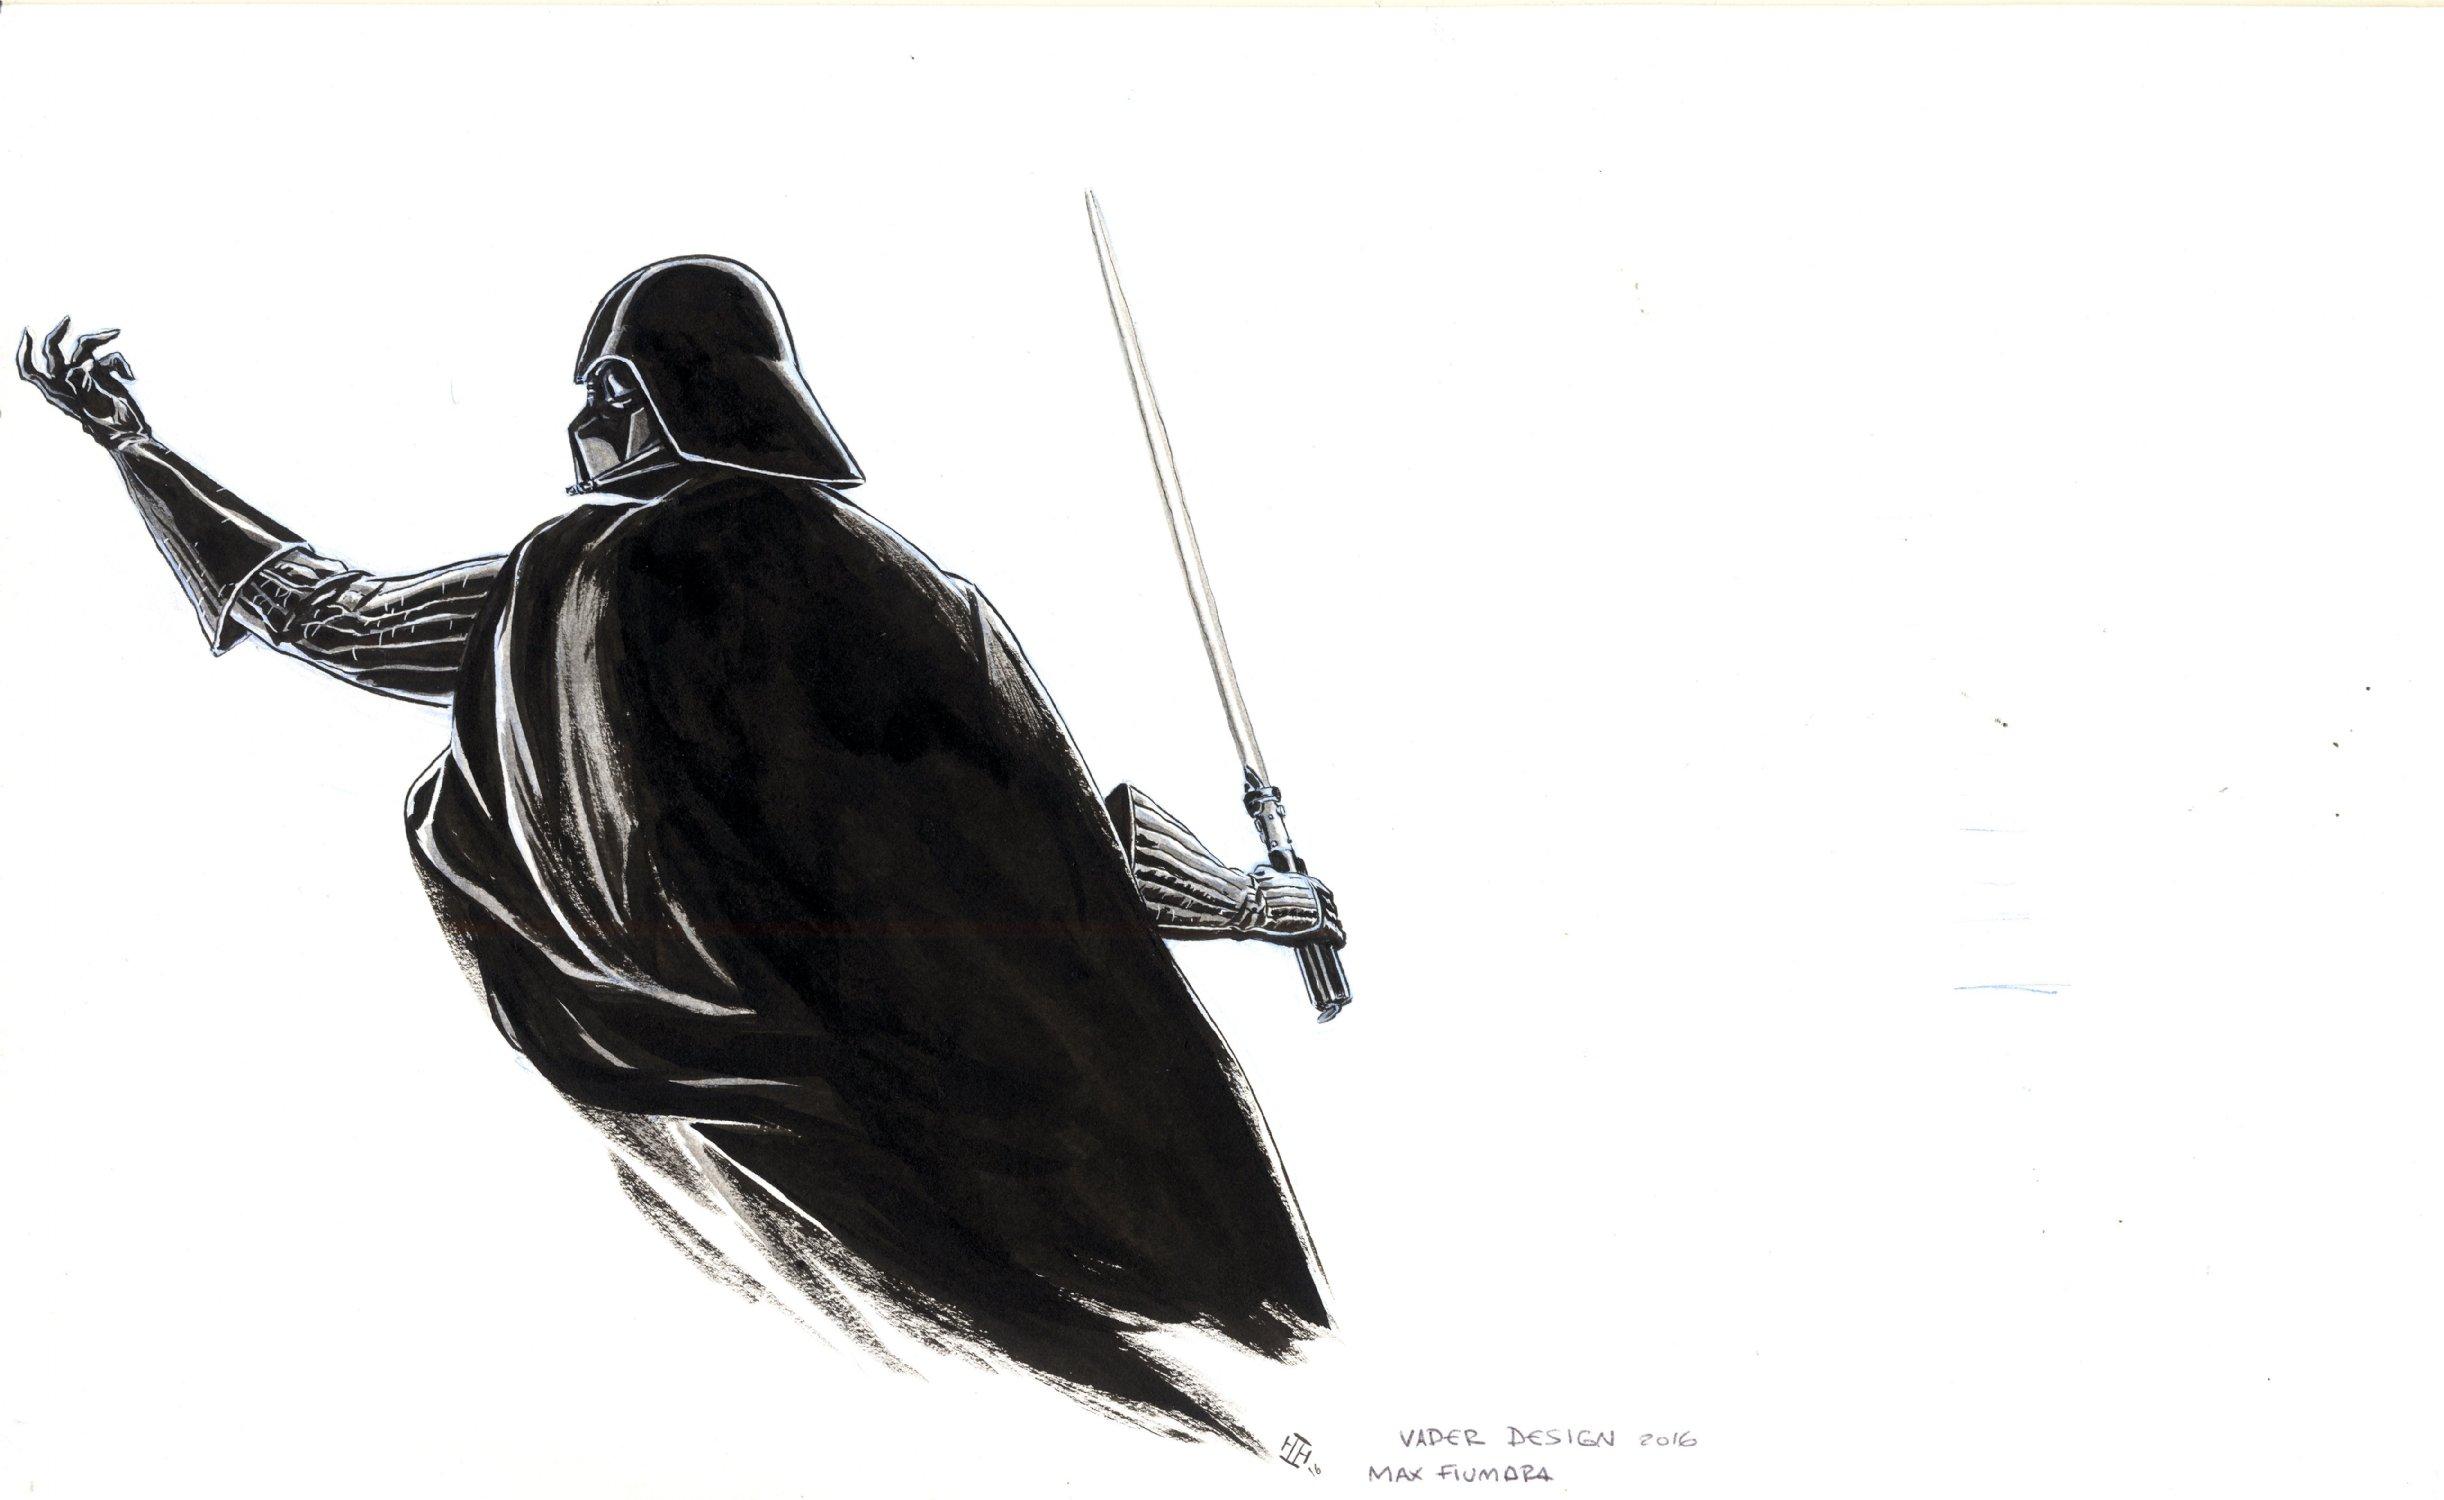 Darth Vader Design Side